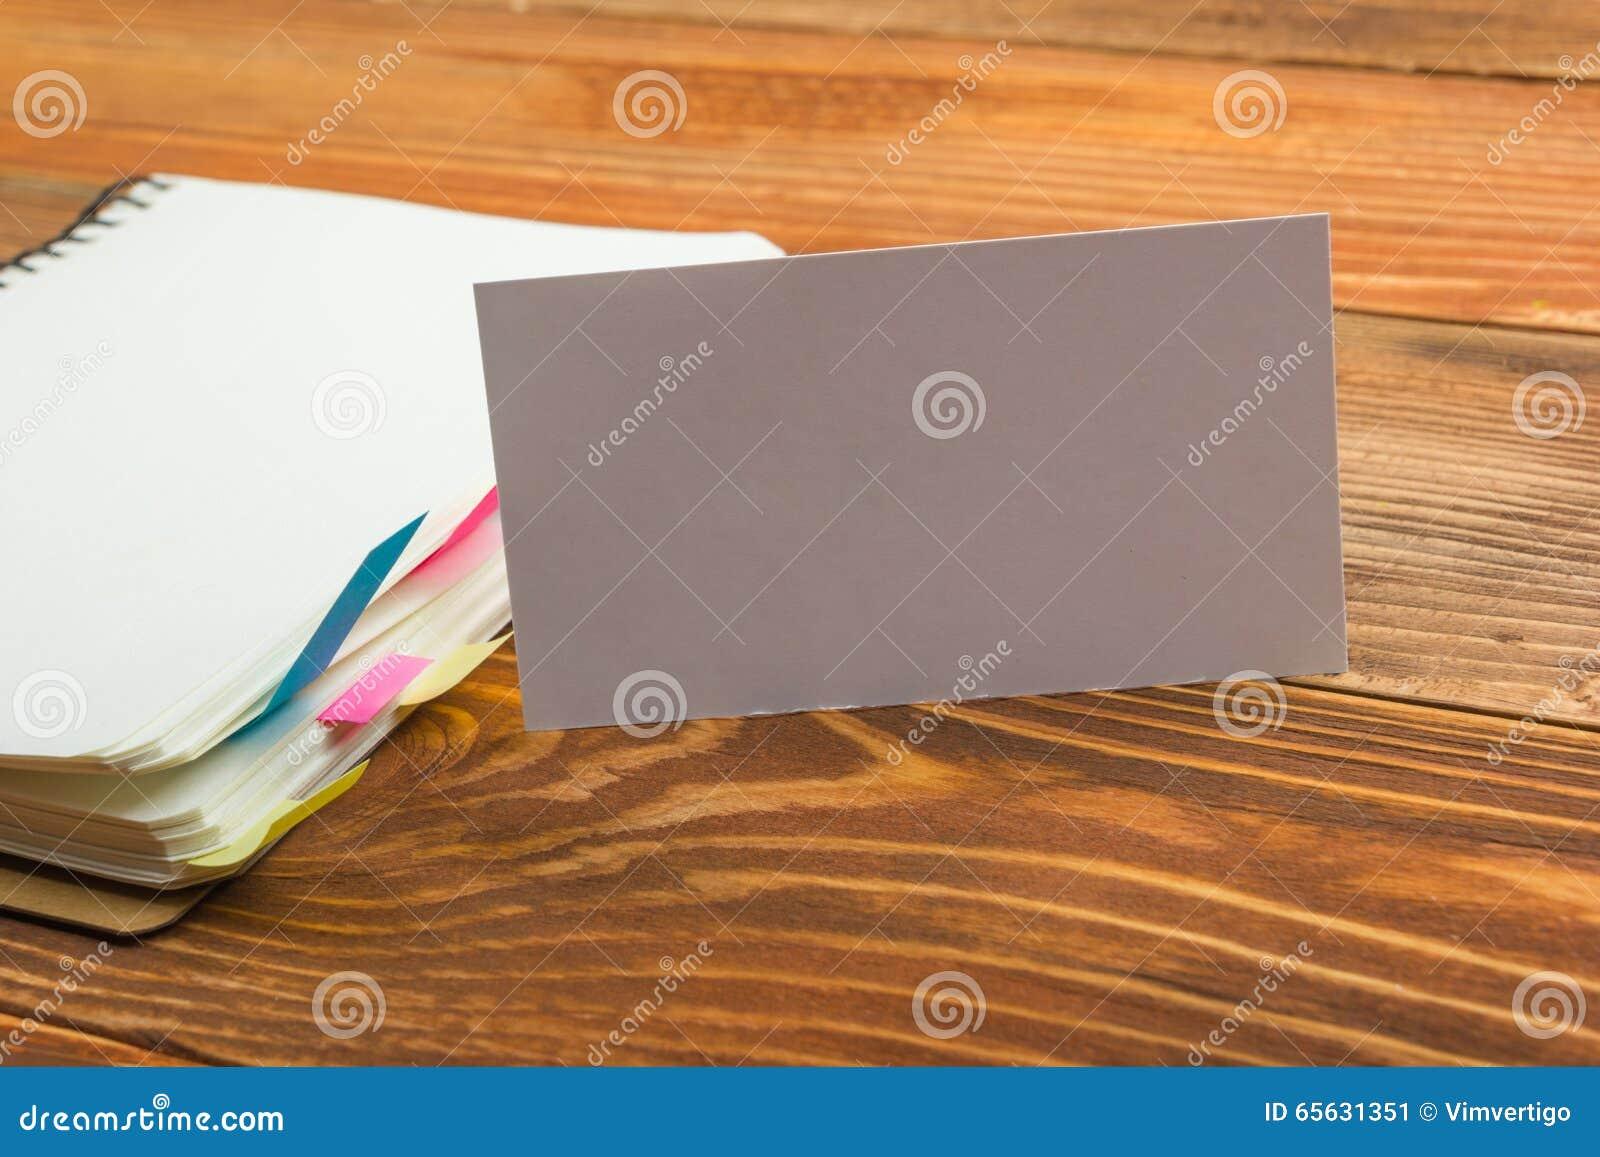 La carte vierge blanche de visite d affaires, cadeau, billet, passent, sur la table en bois